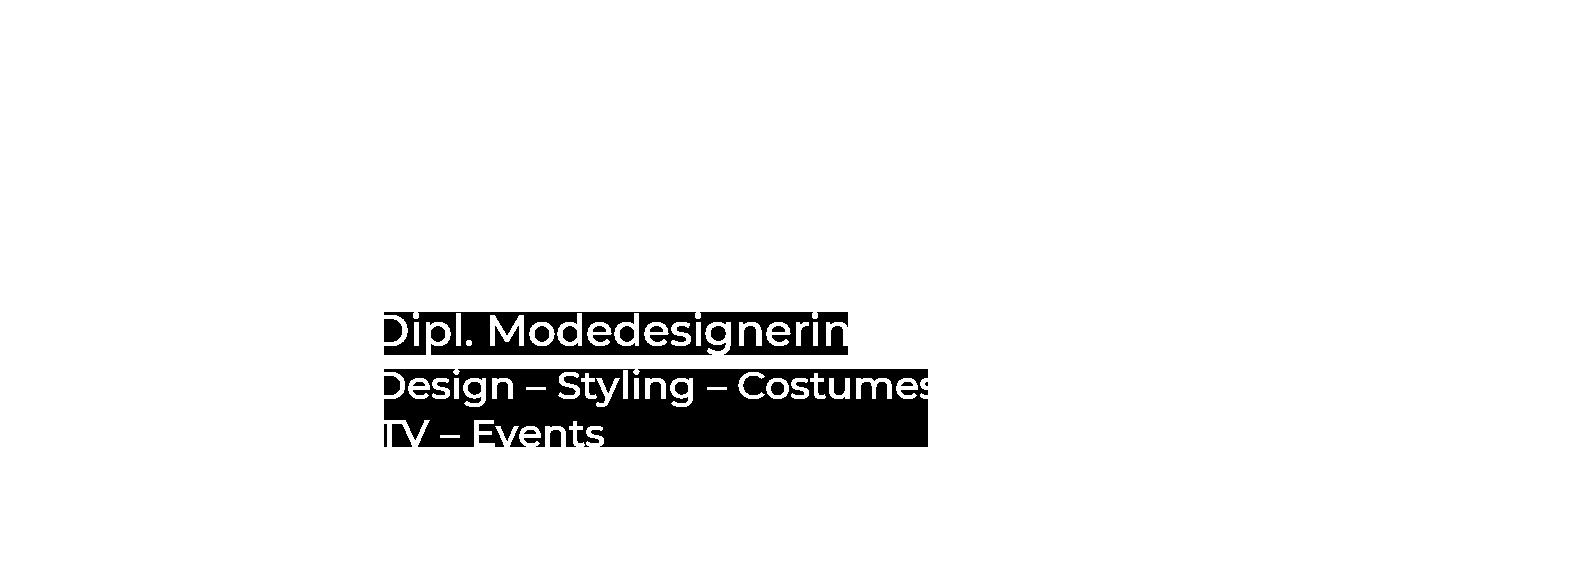 Ulrike Harrassowitz – Dipl. Modedesignerin